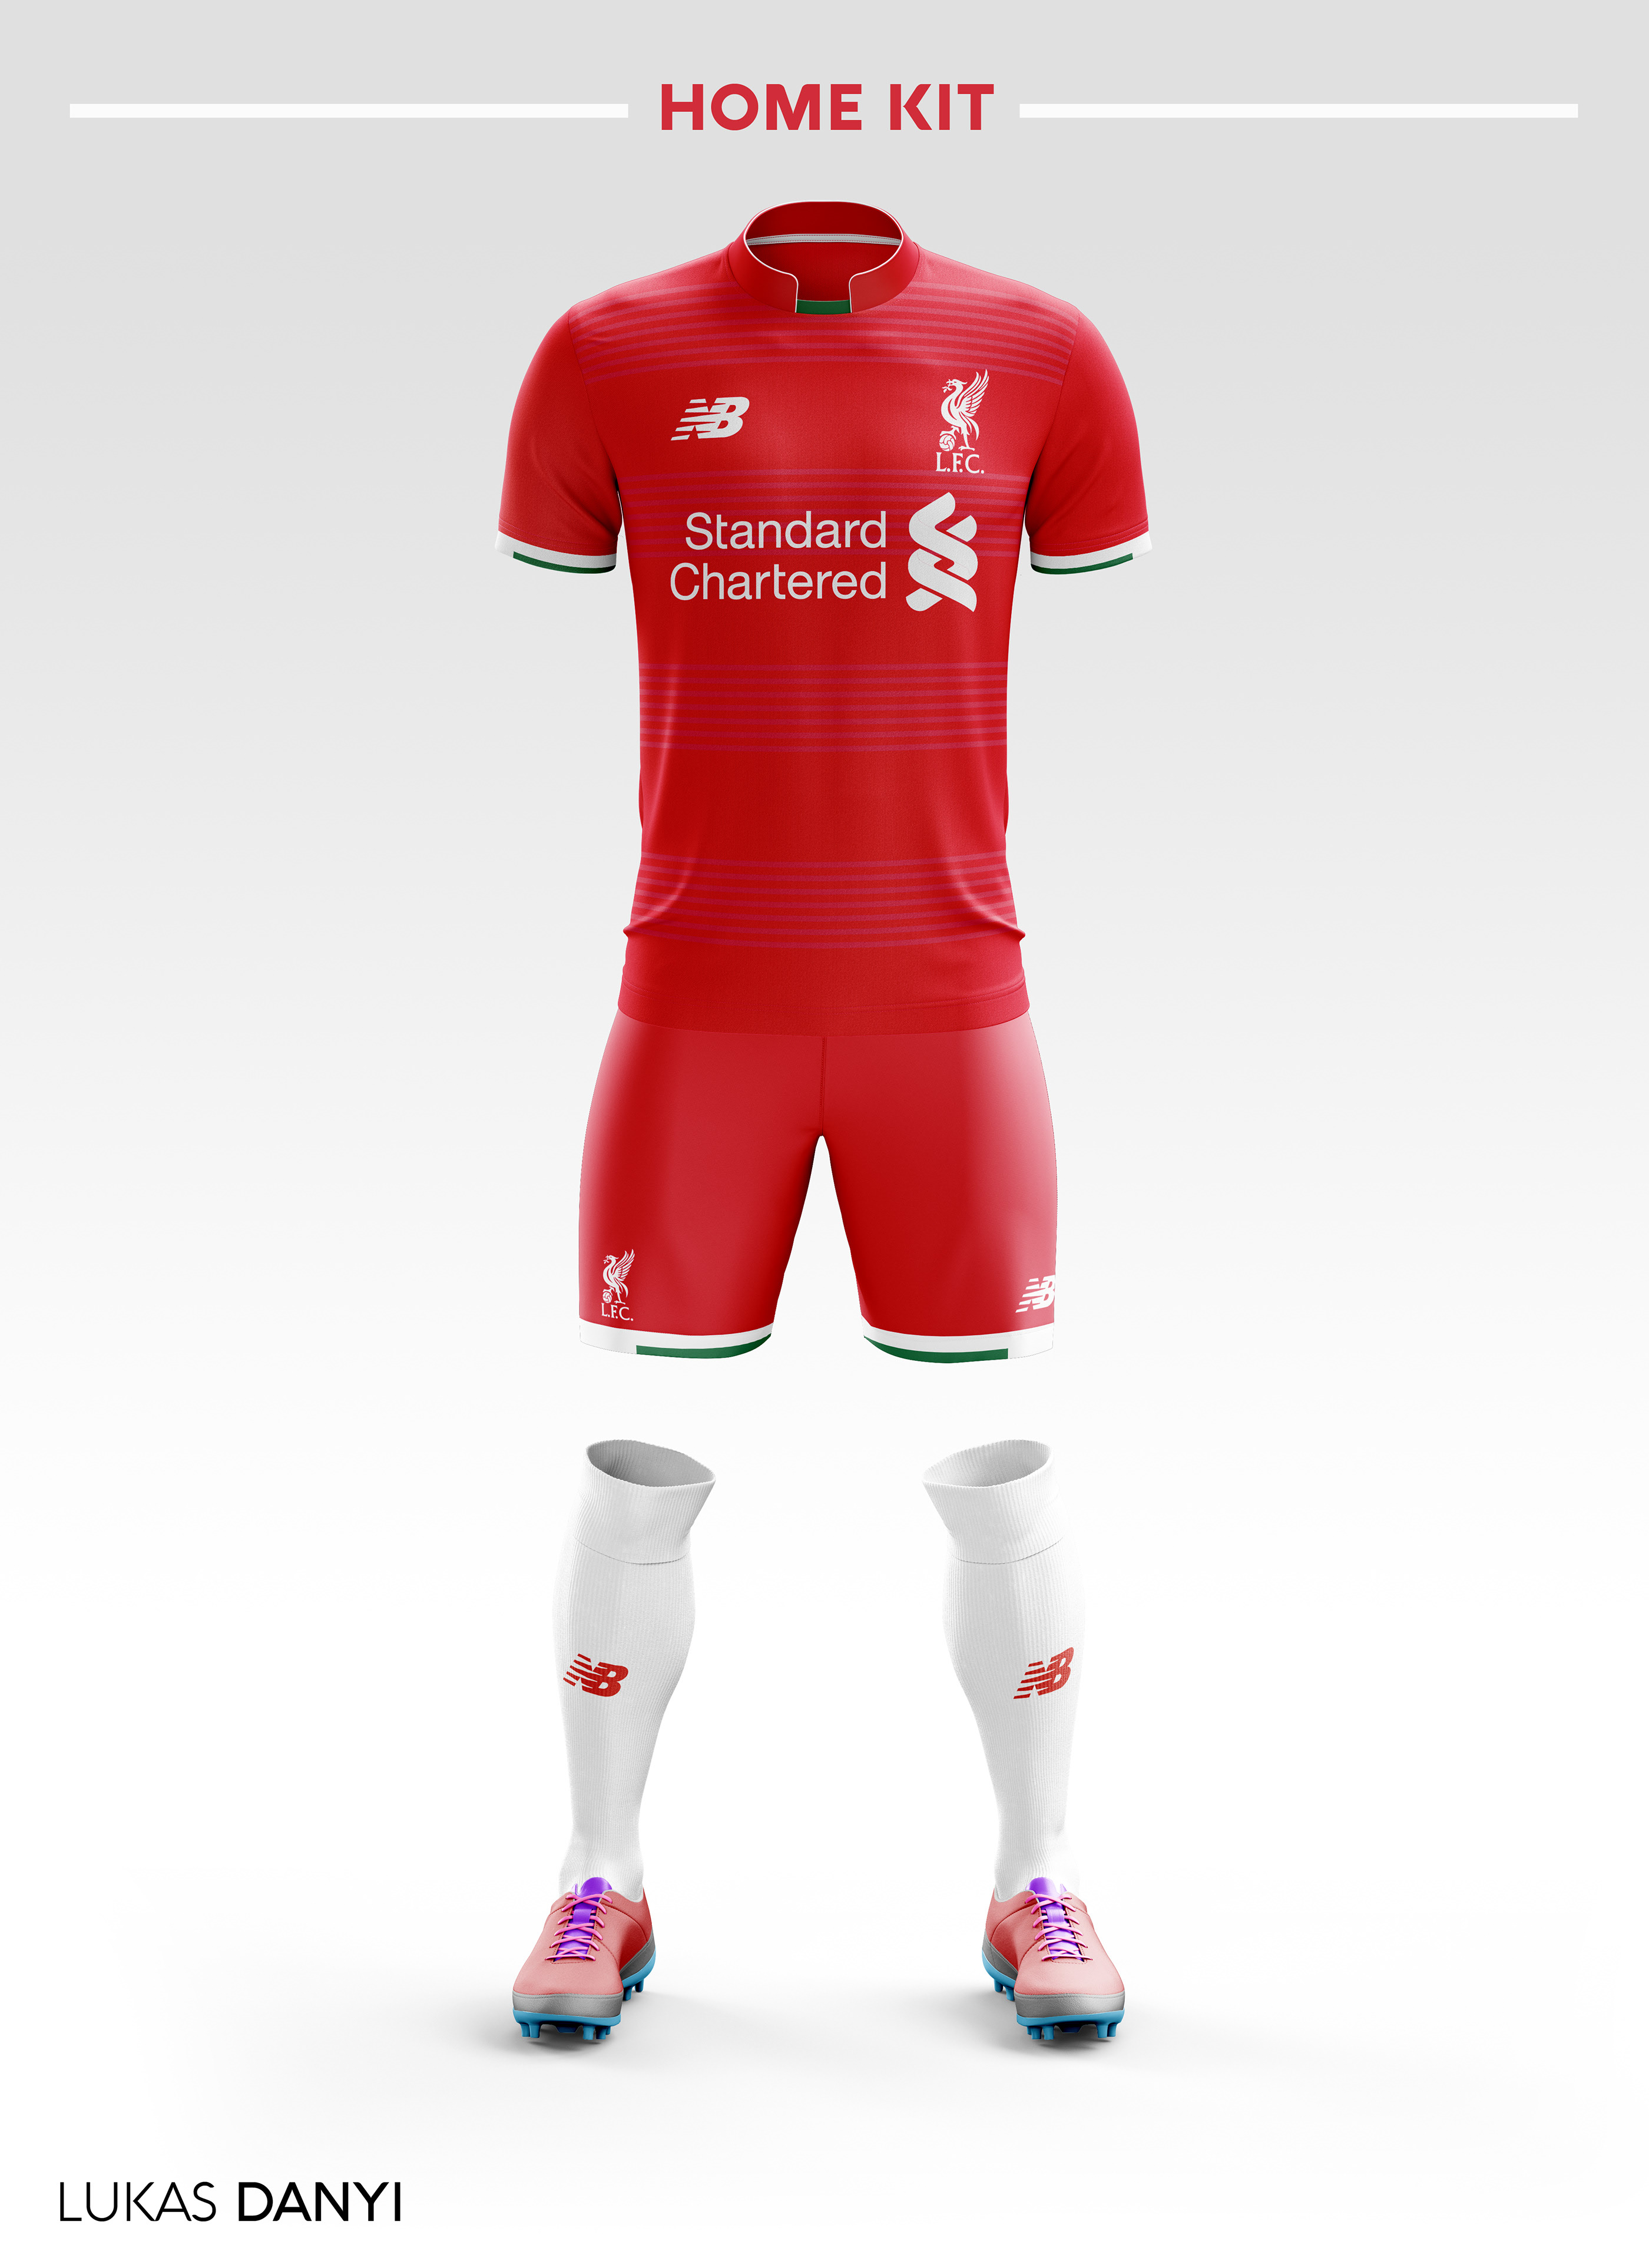 Fc Liverpool Football Kit 18/19  on Behance